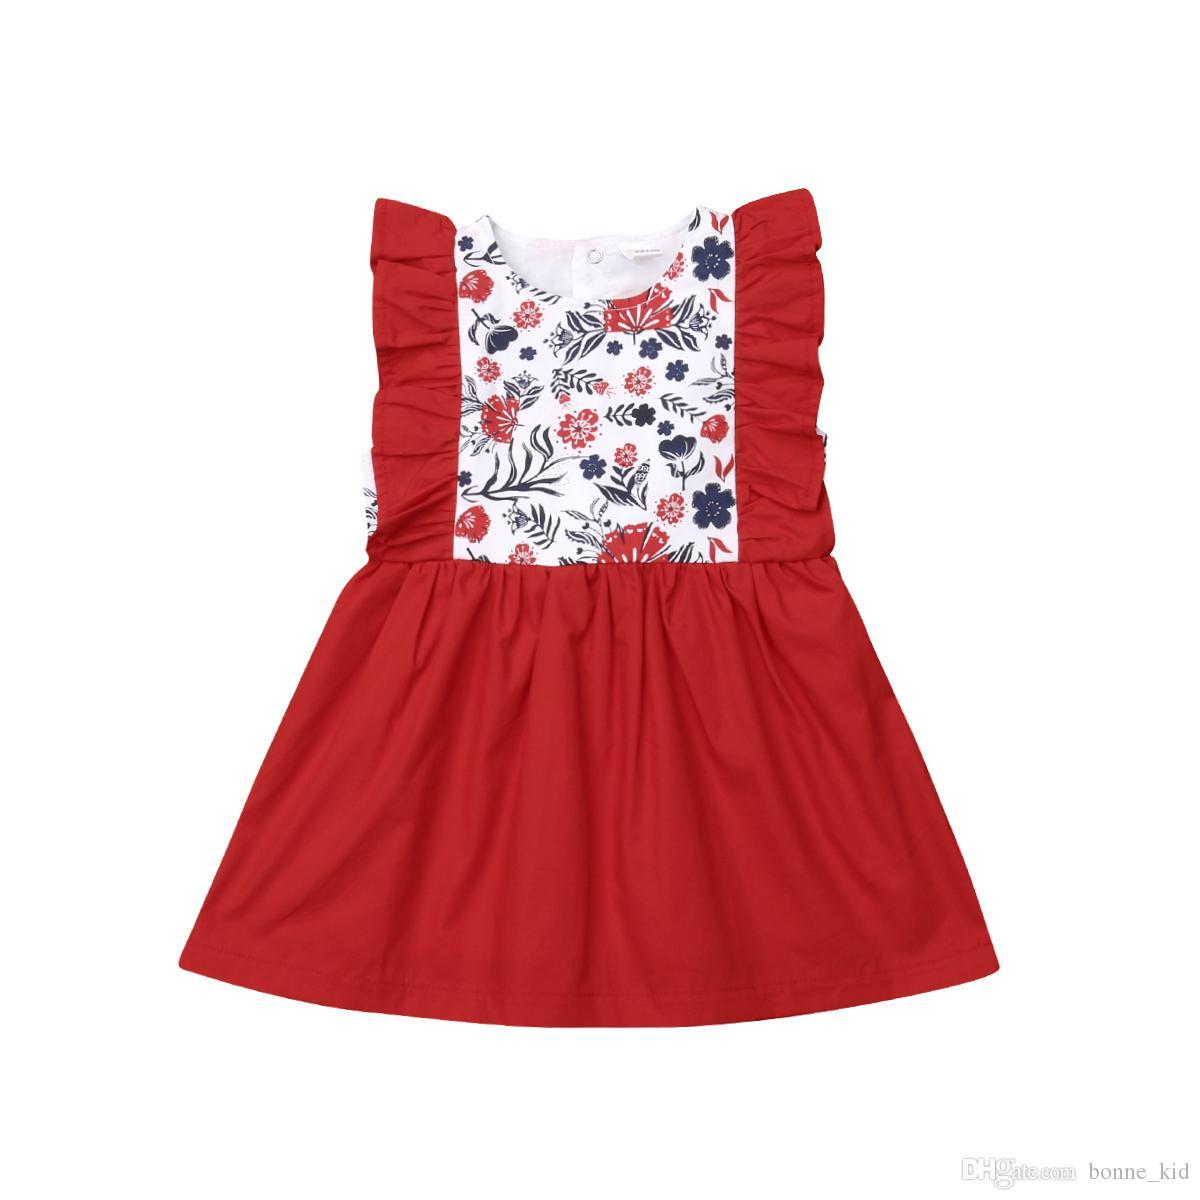 ca27fe8be Compre Navidad Princesa Kids Baby Girl Vestido De Fiesta Flor De La Colmena  Vestidos Rojos Bowknot Sin Mangas Bebé Niño Niña Vestido De La Ropa 0 3Y A   8.54 ...